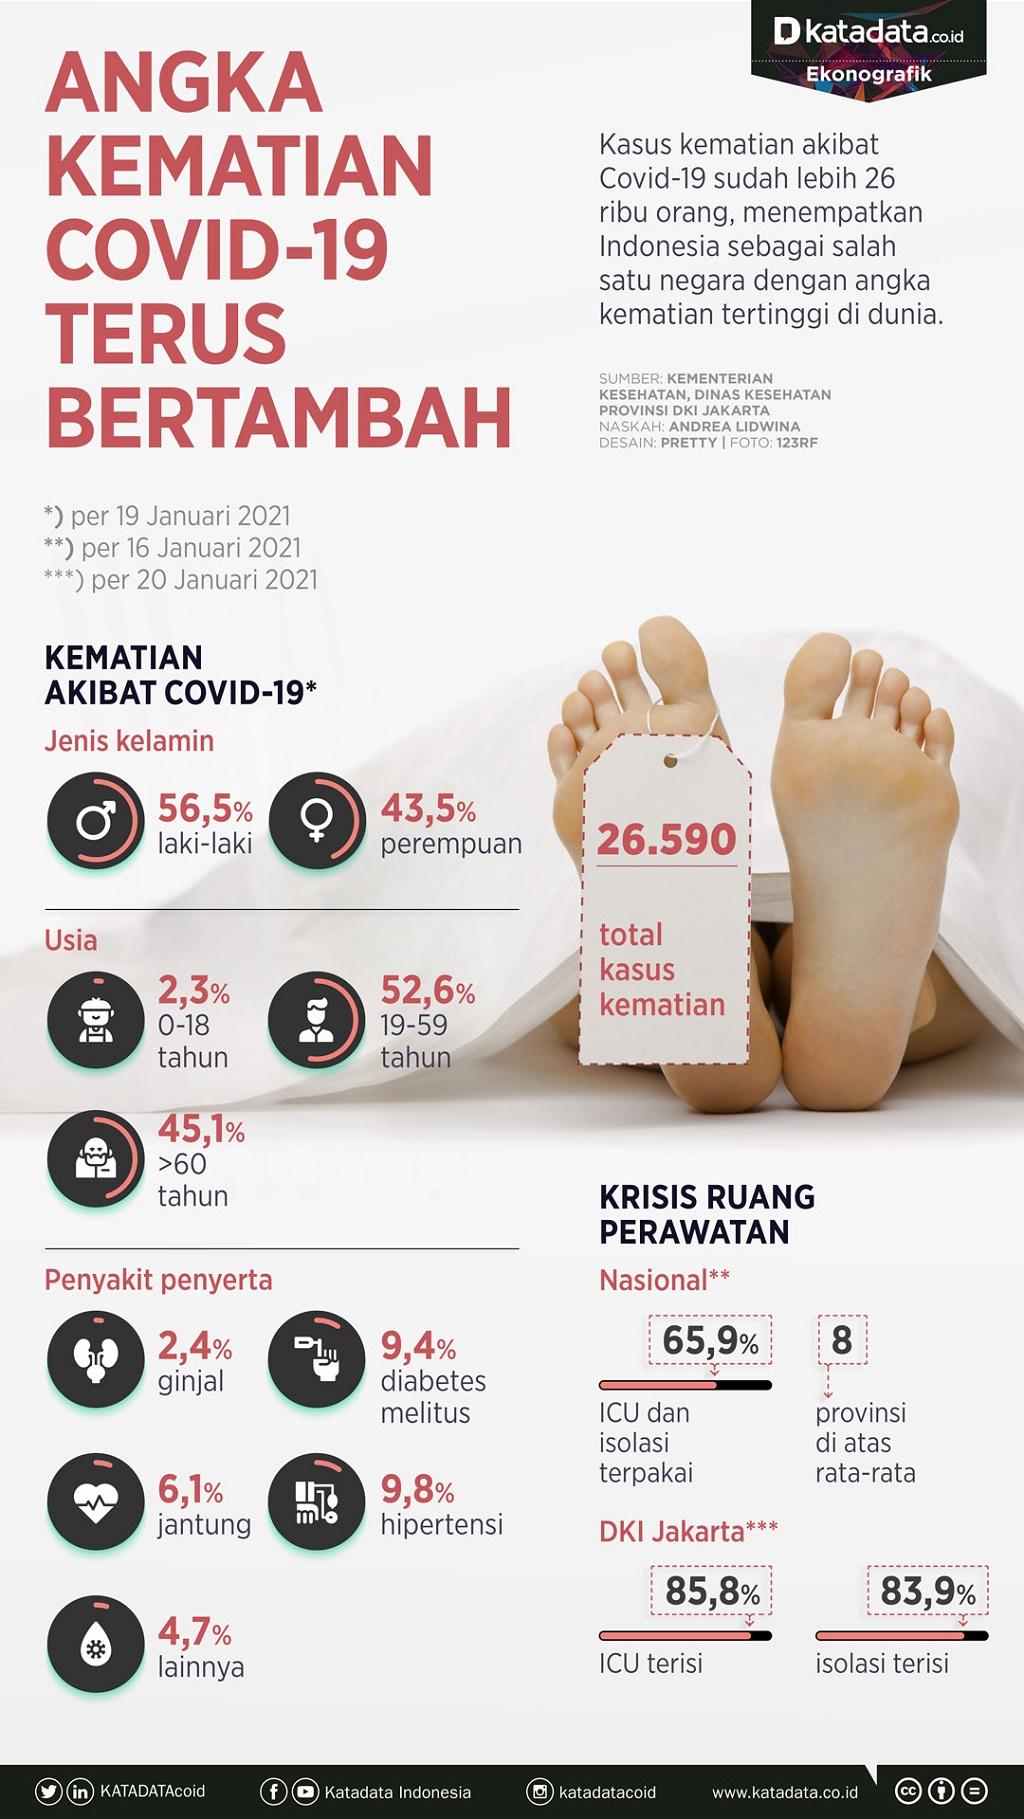 Infografik_Kematian covid-19 terus bertambah